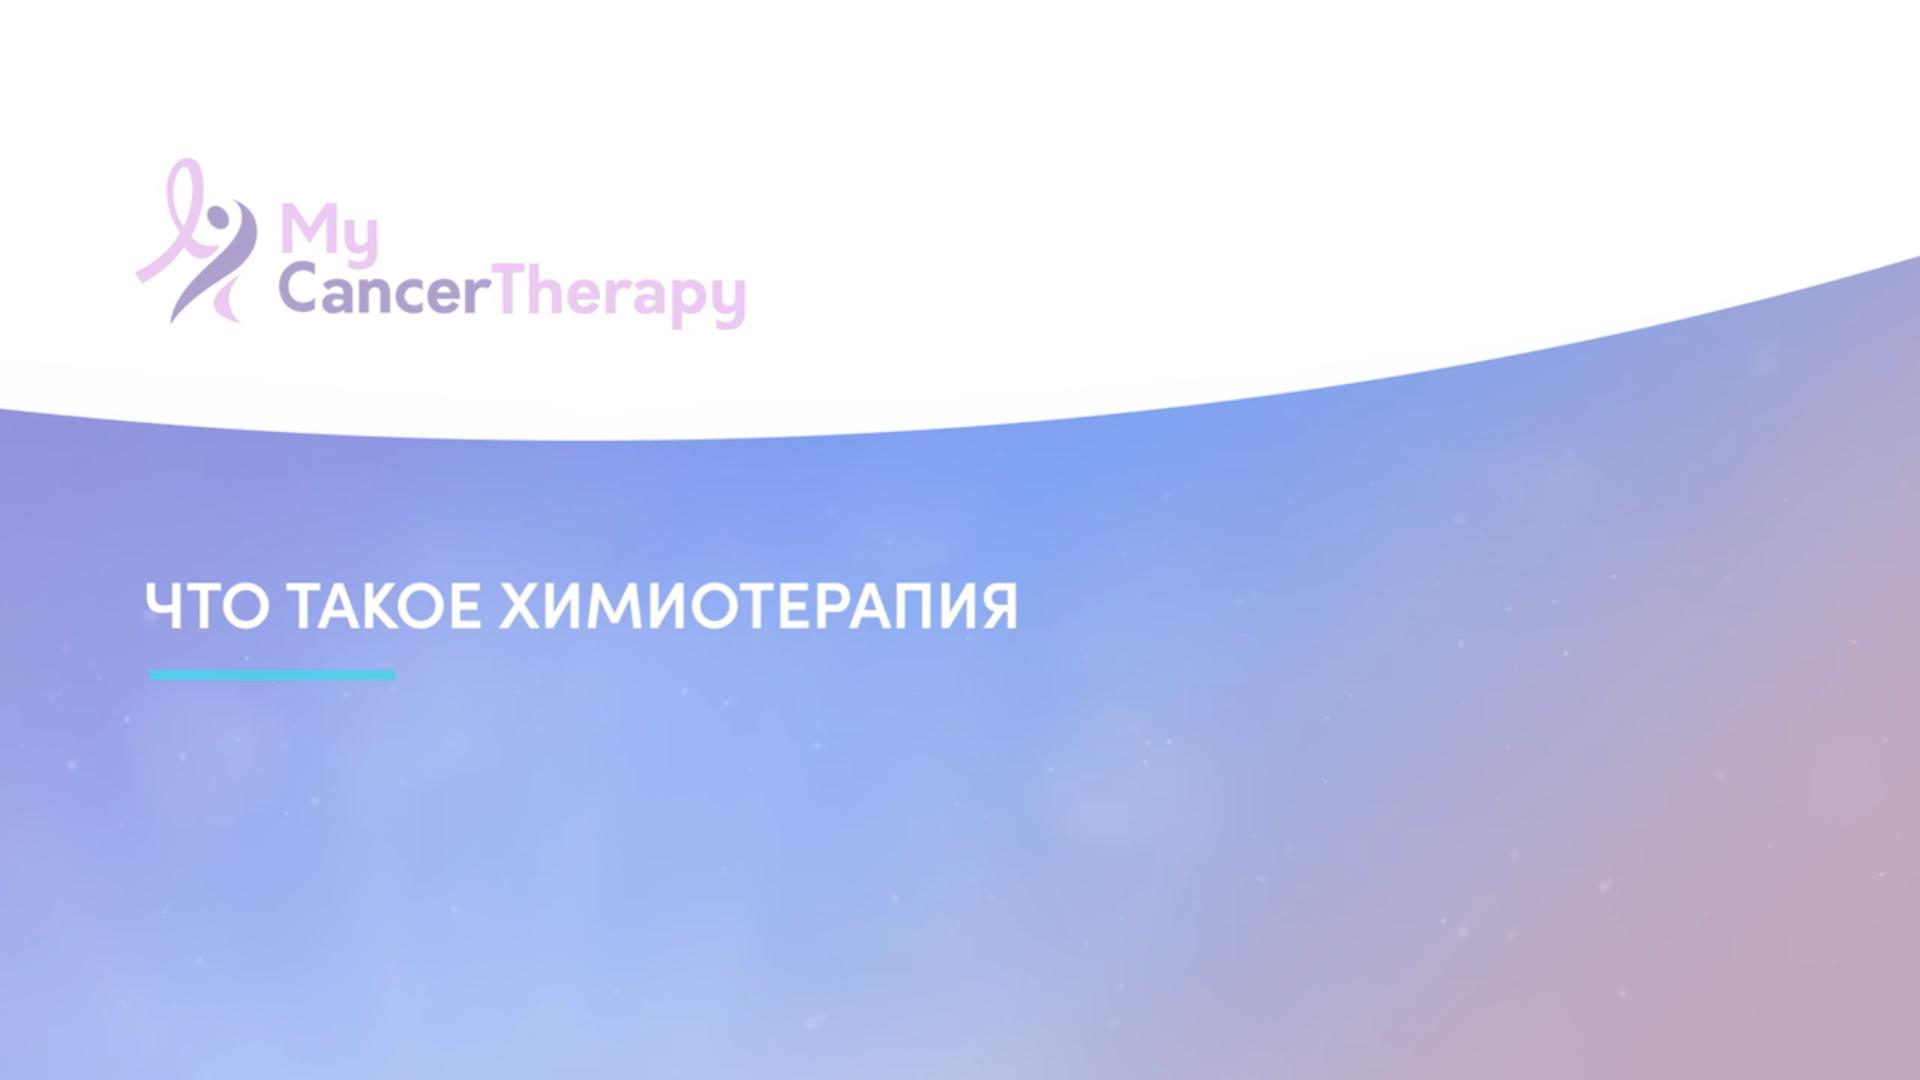 Химиотерапия злокачественных новообразований — википедия